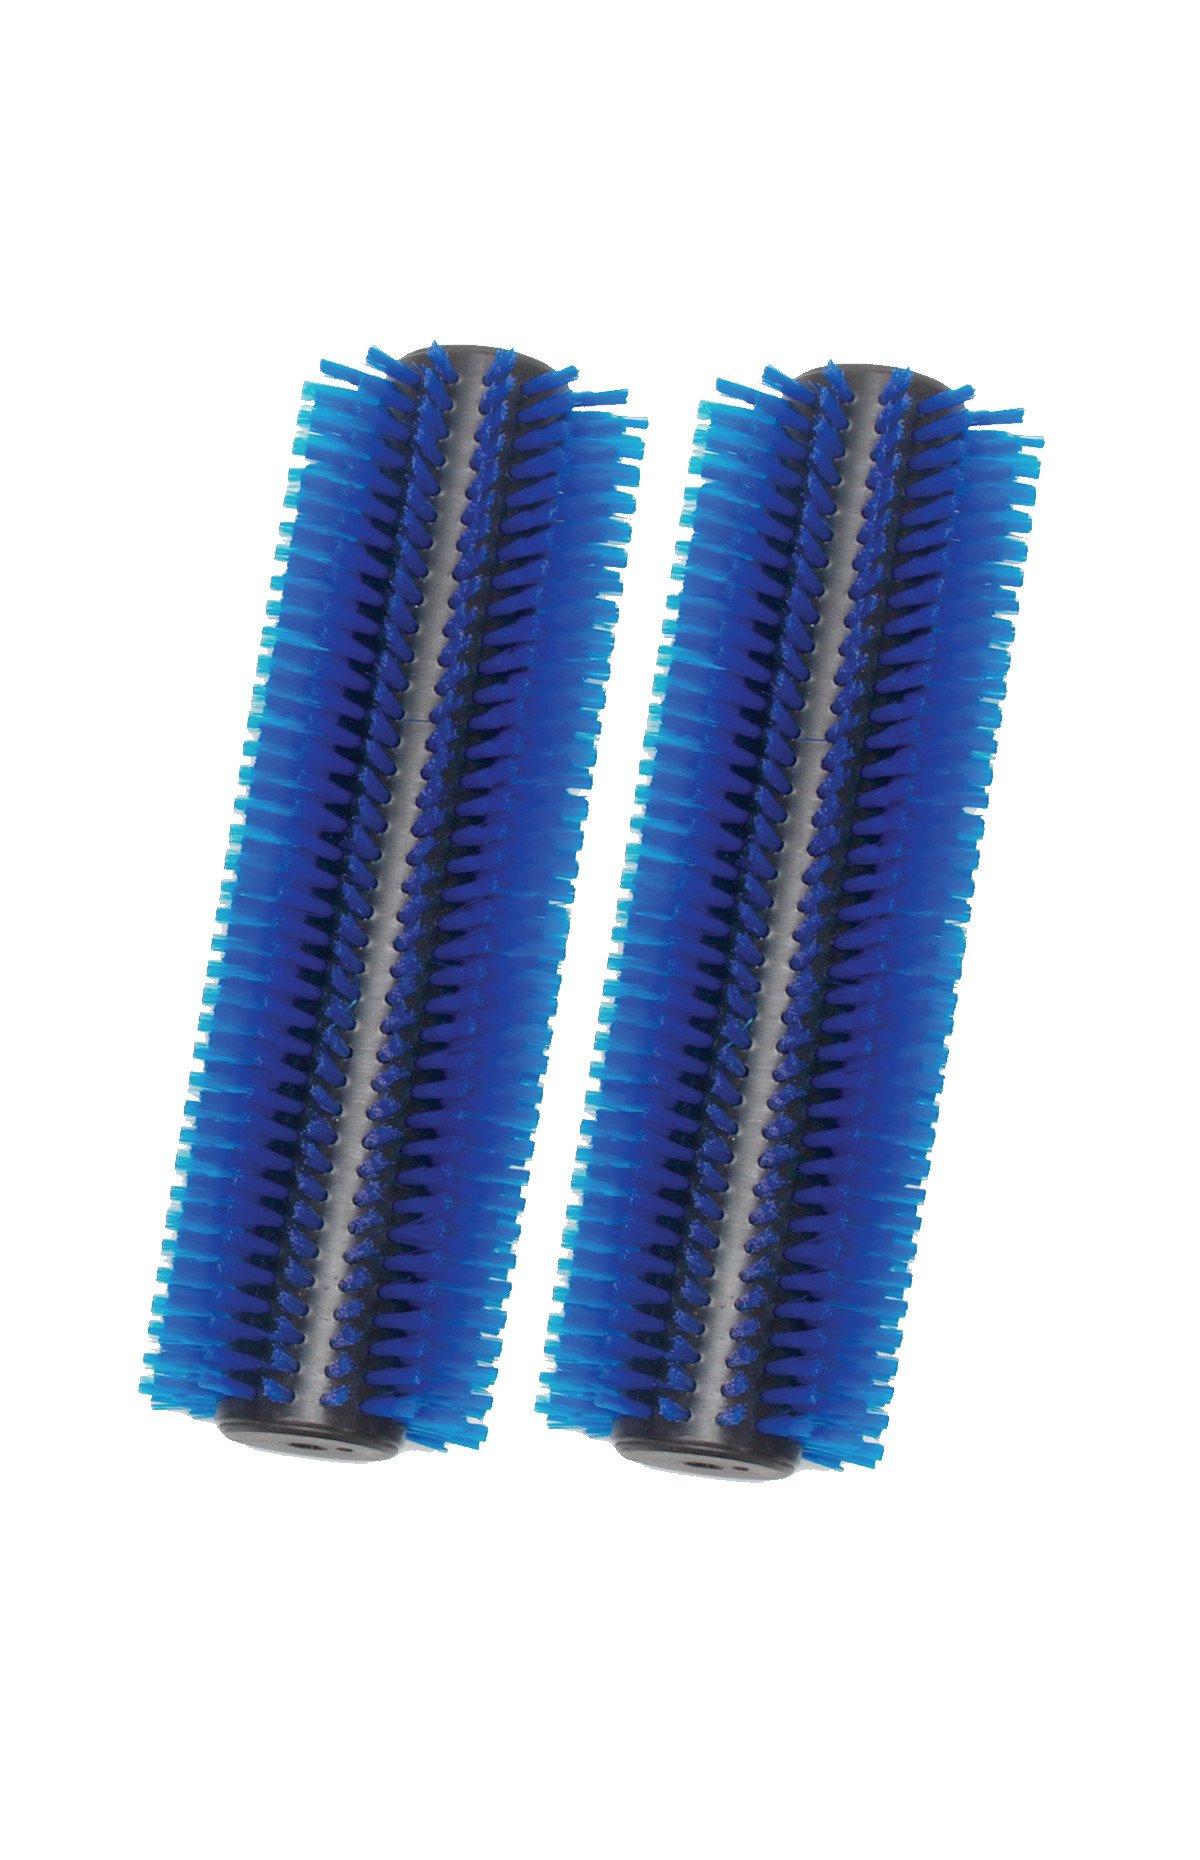 Powr-Flite PFMWEB Escalator Brush, Multiwash 14